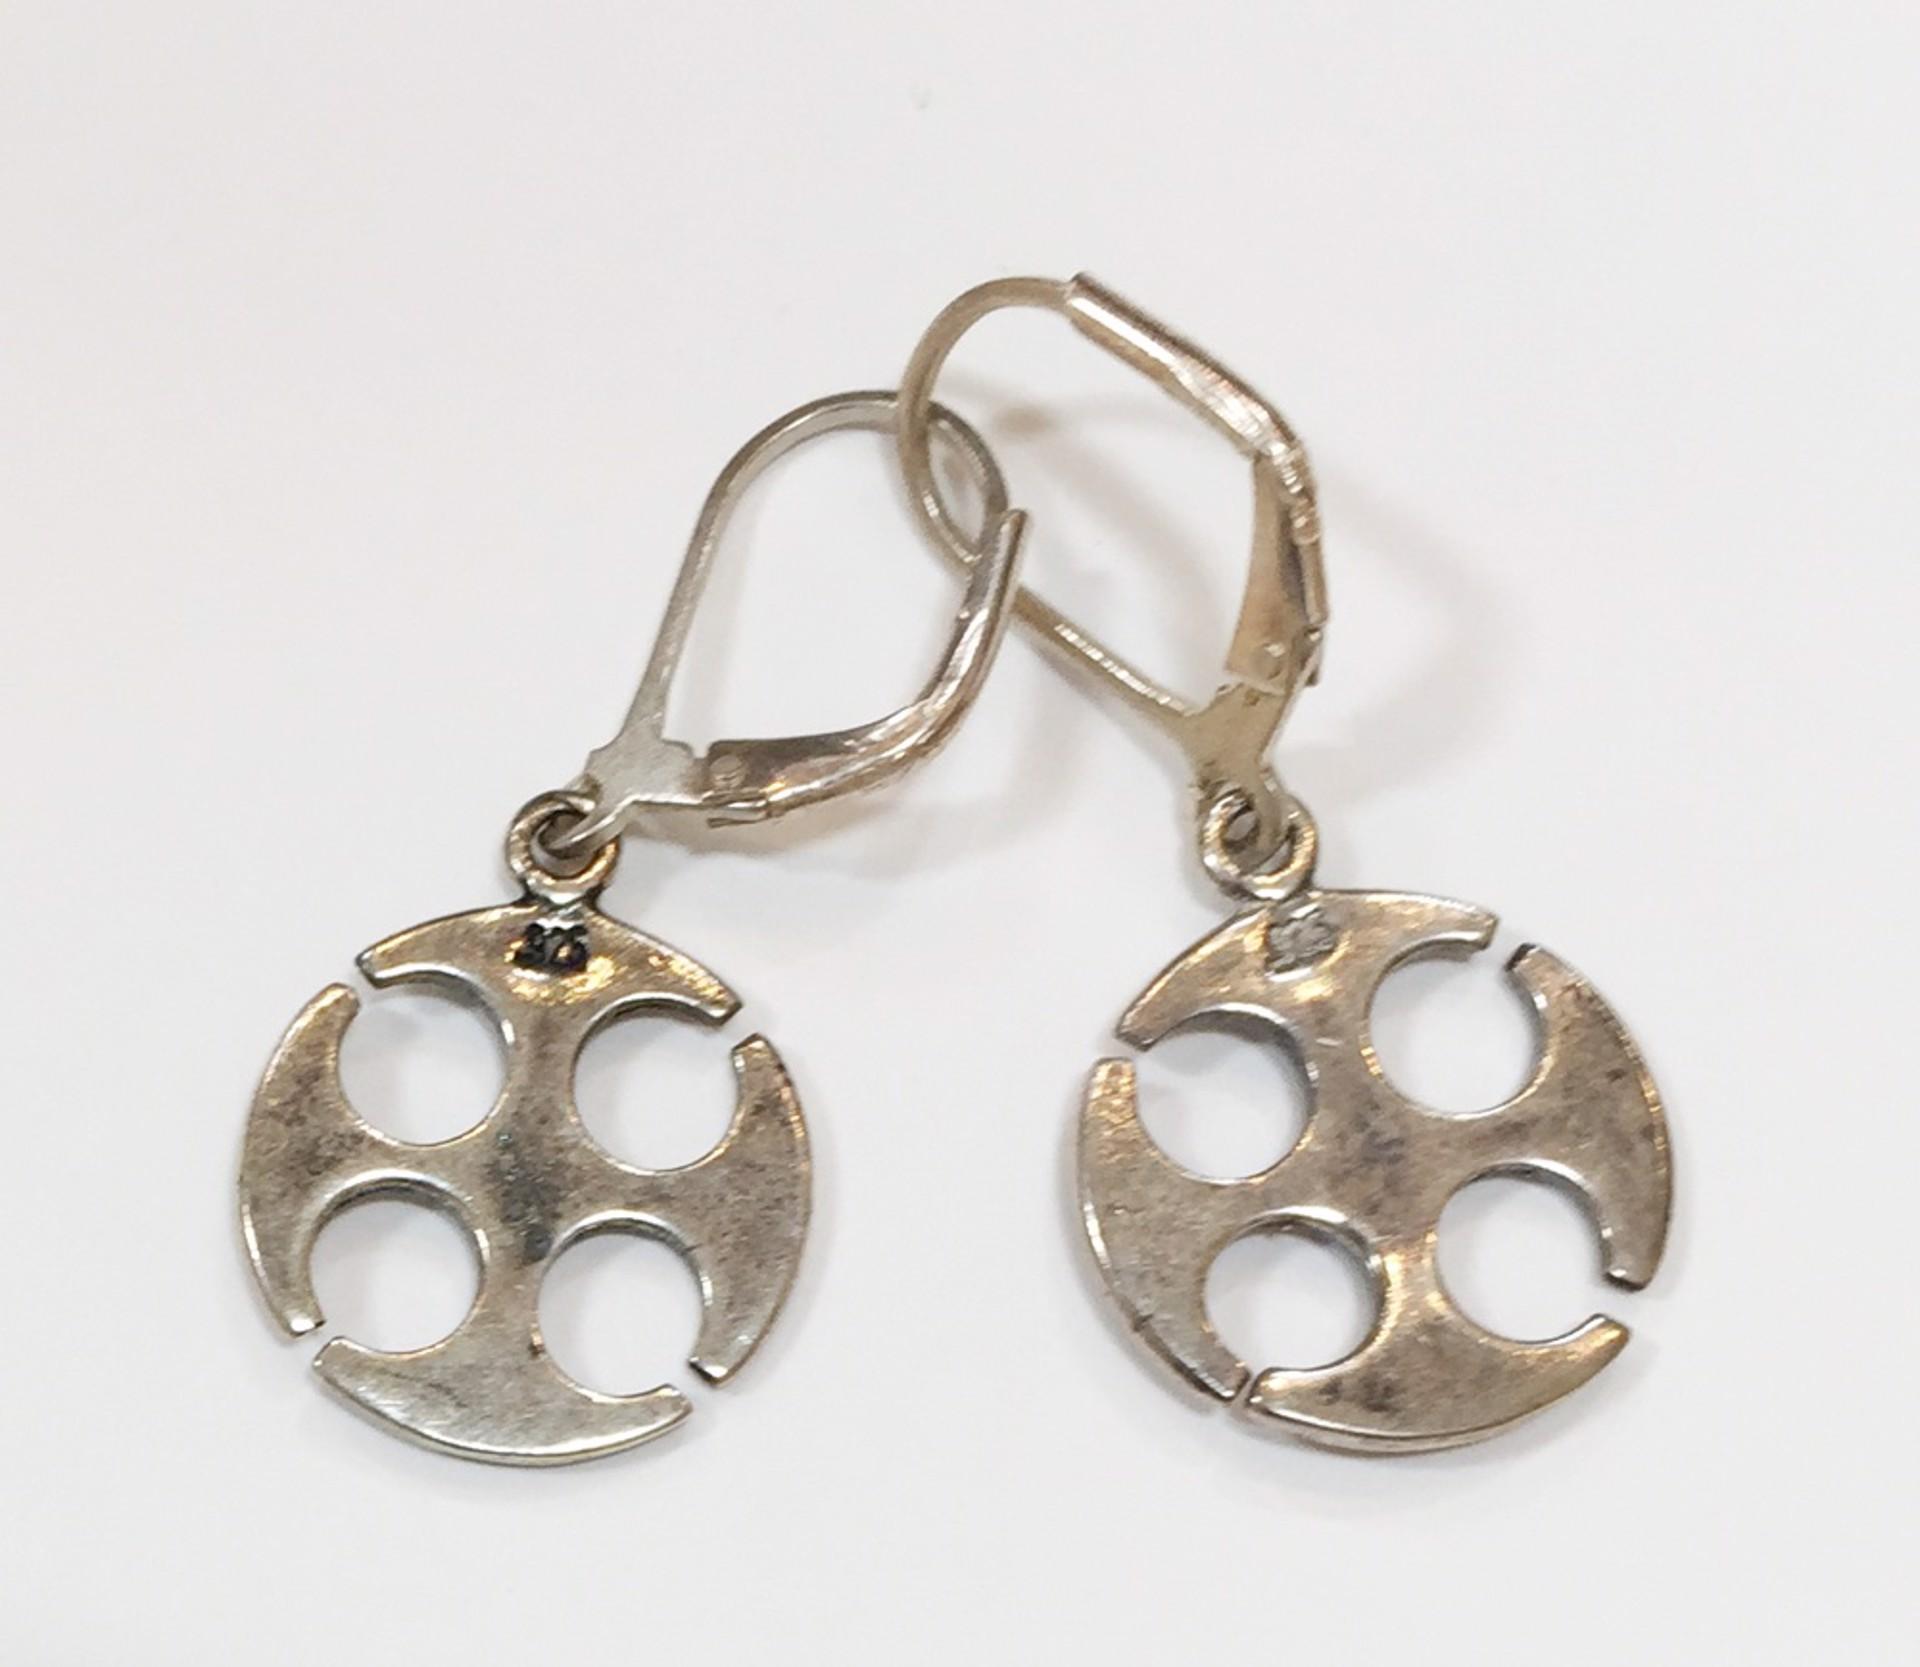 Earrings - Whithorn Cross - 5650 by Deanne McKeown